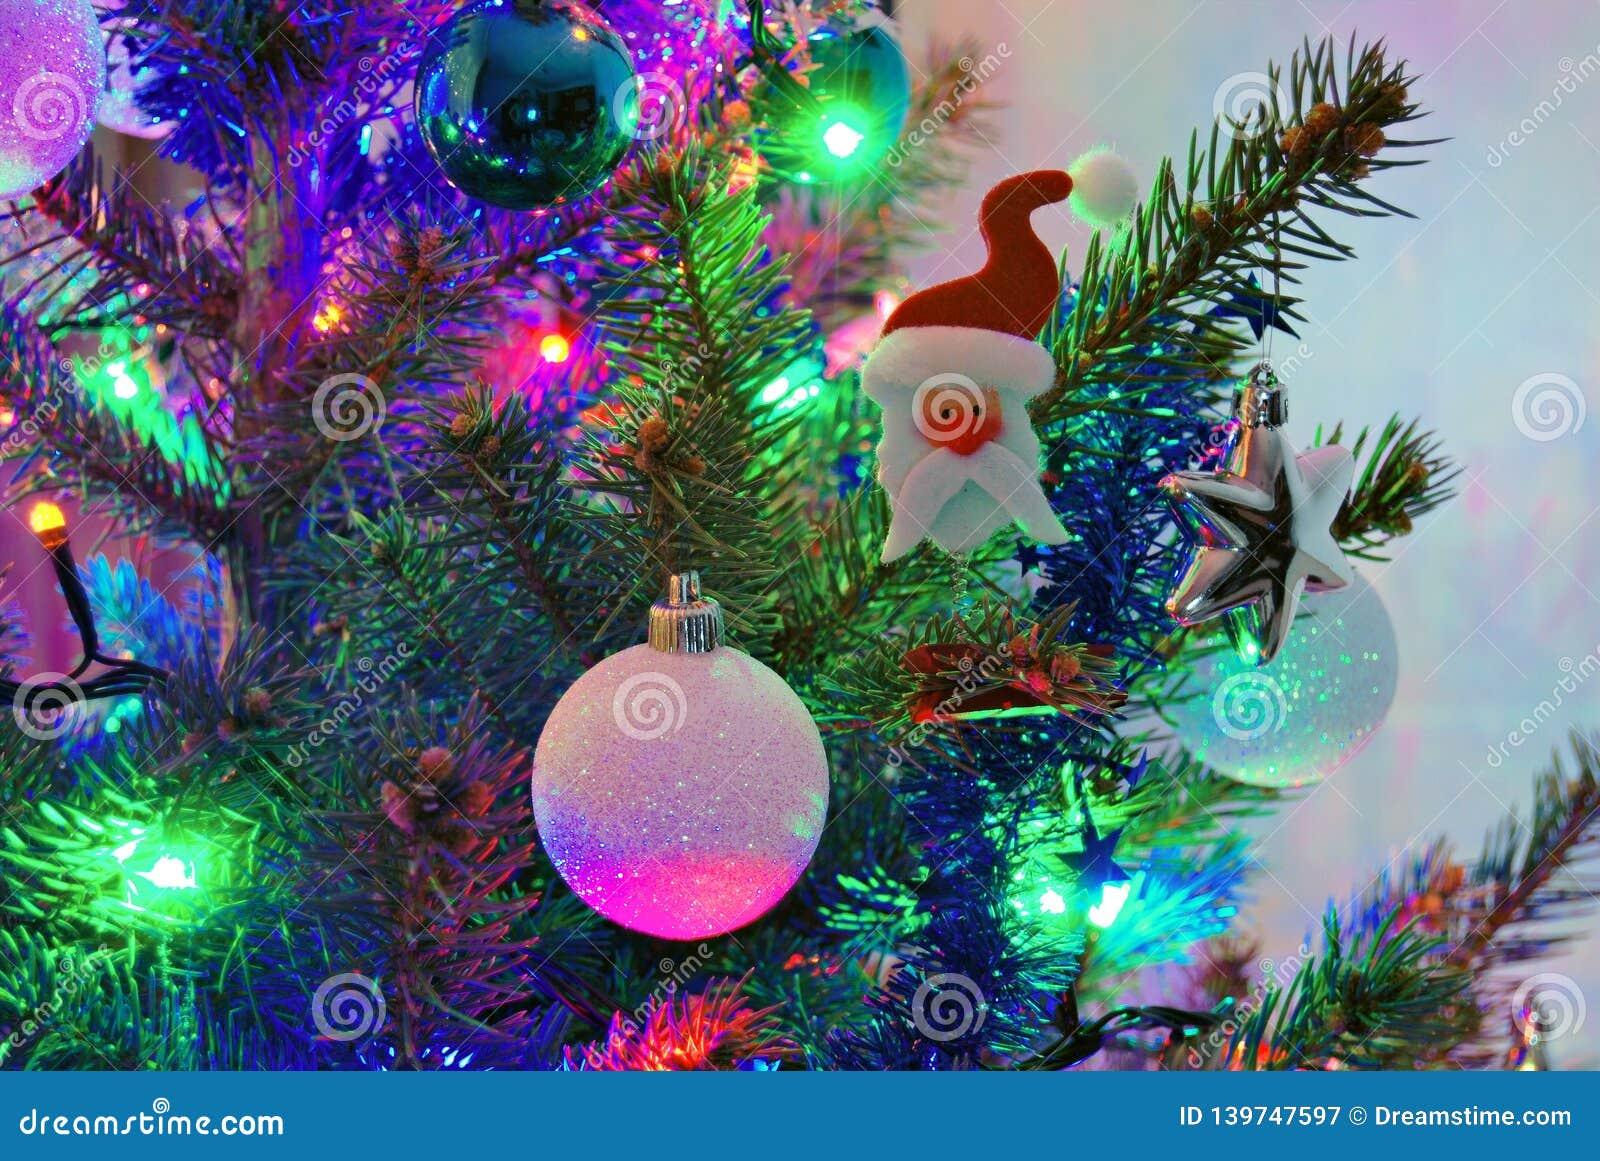 Estatueta de Santa Claus na árvore de Natal